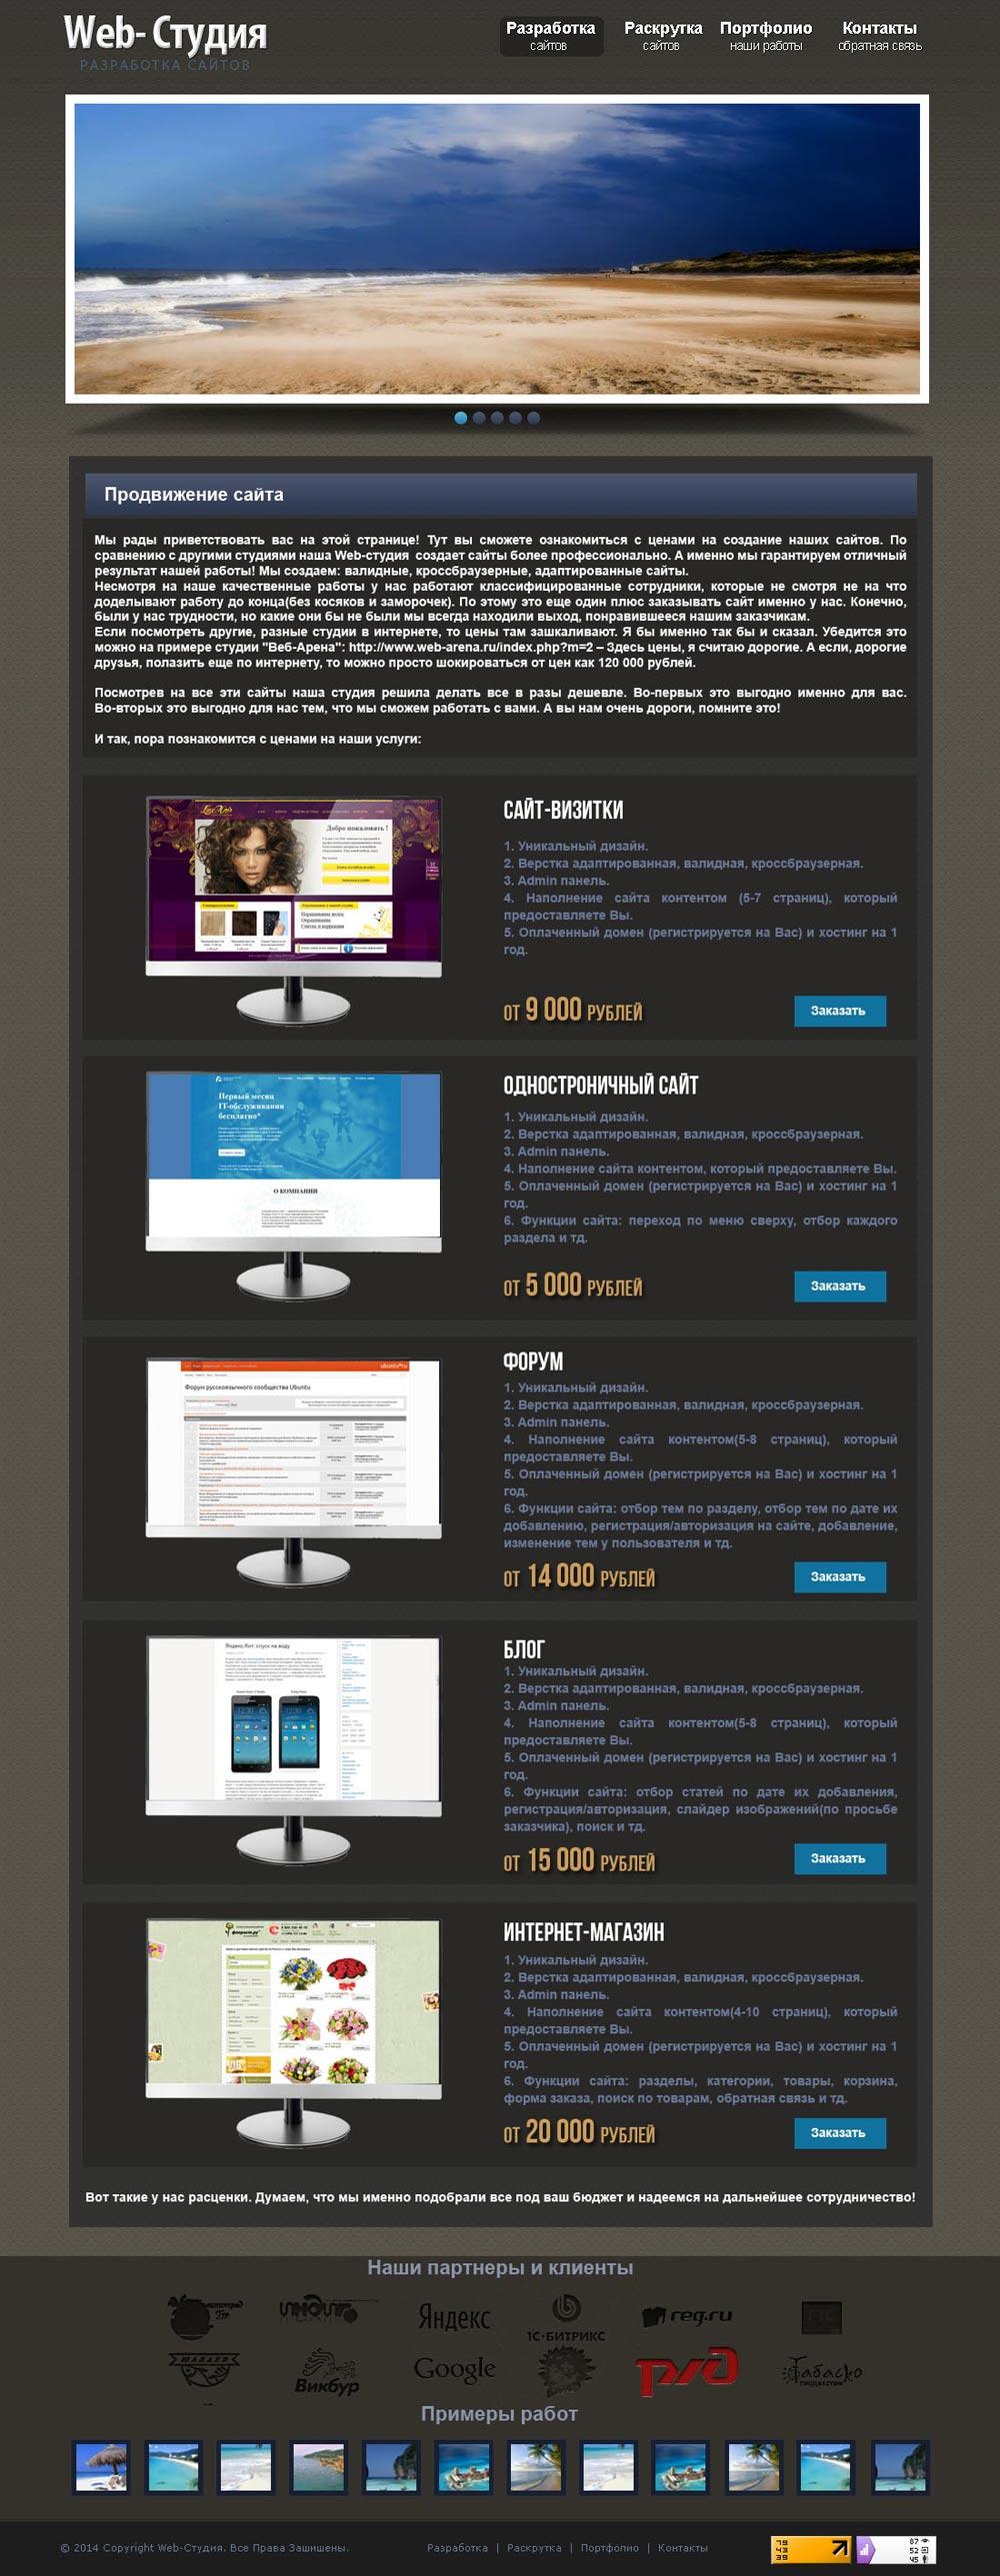 Web Studia